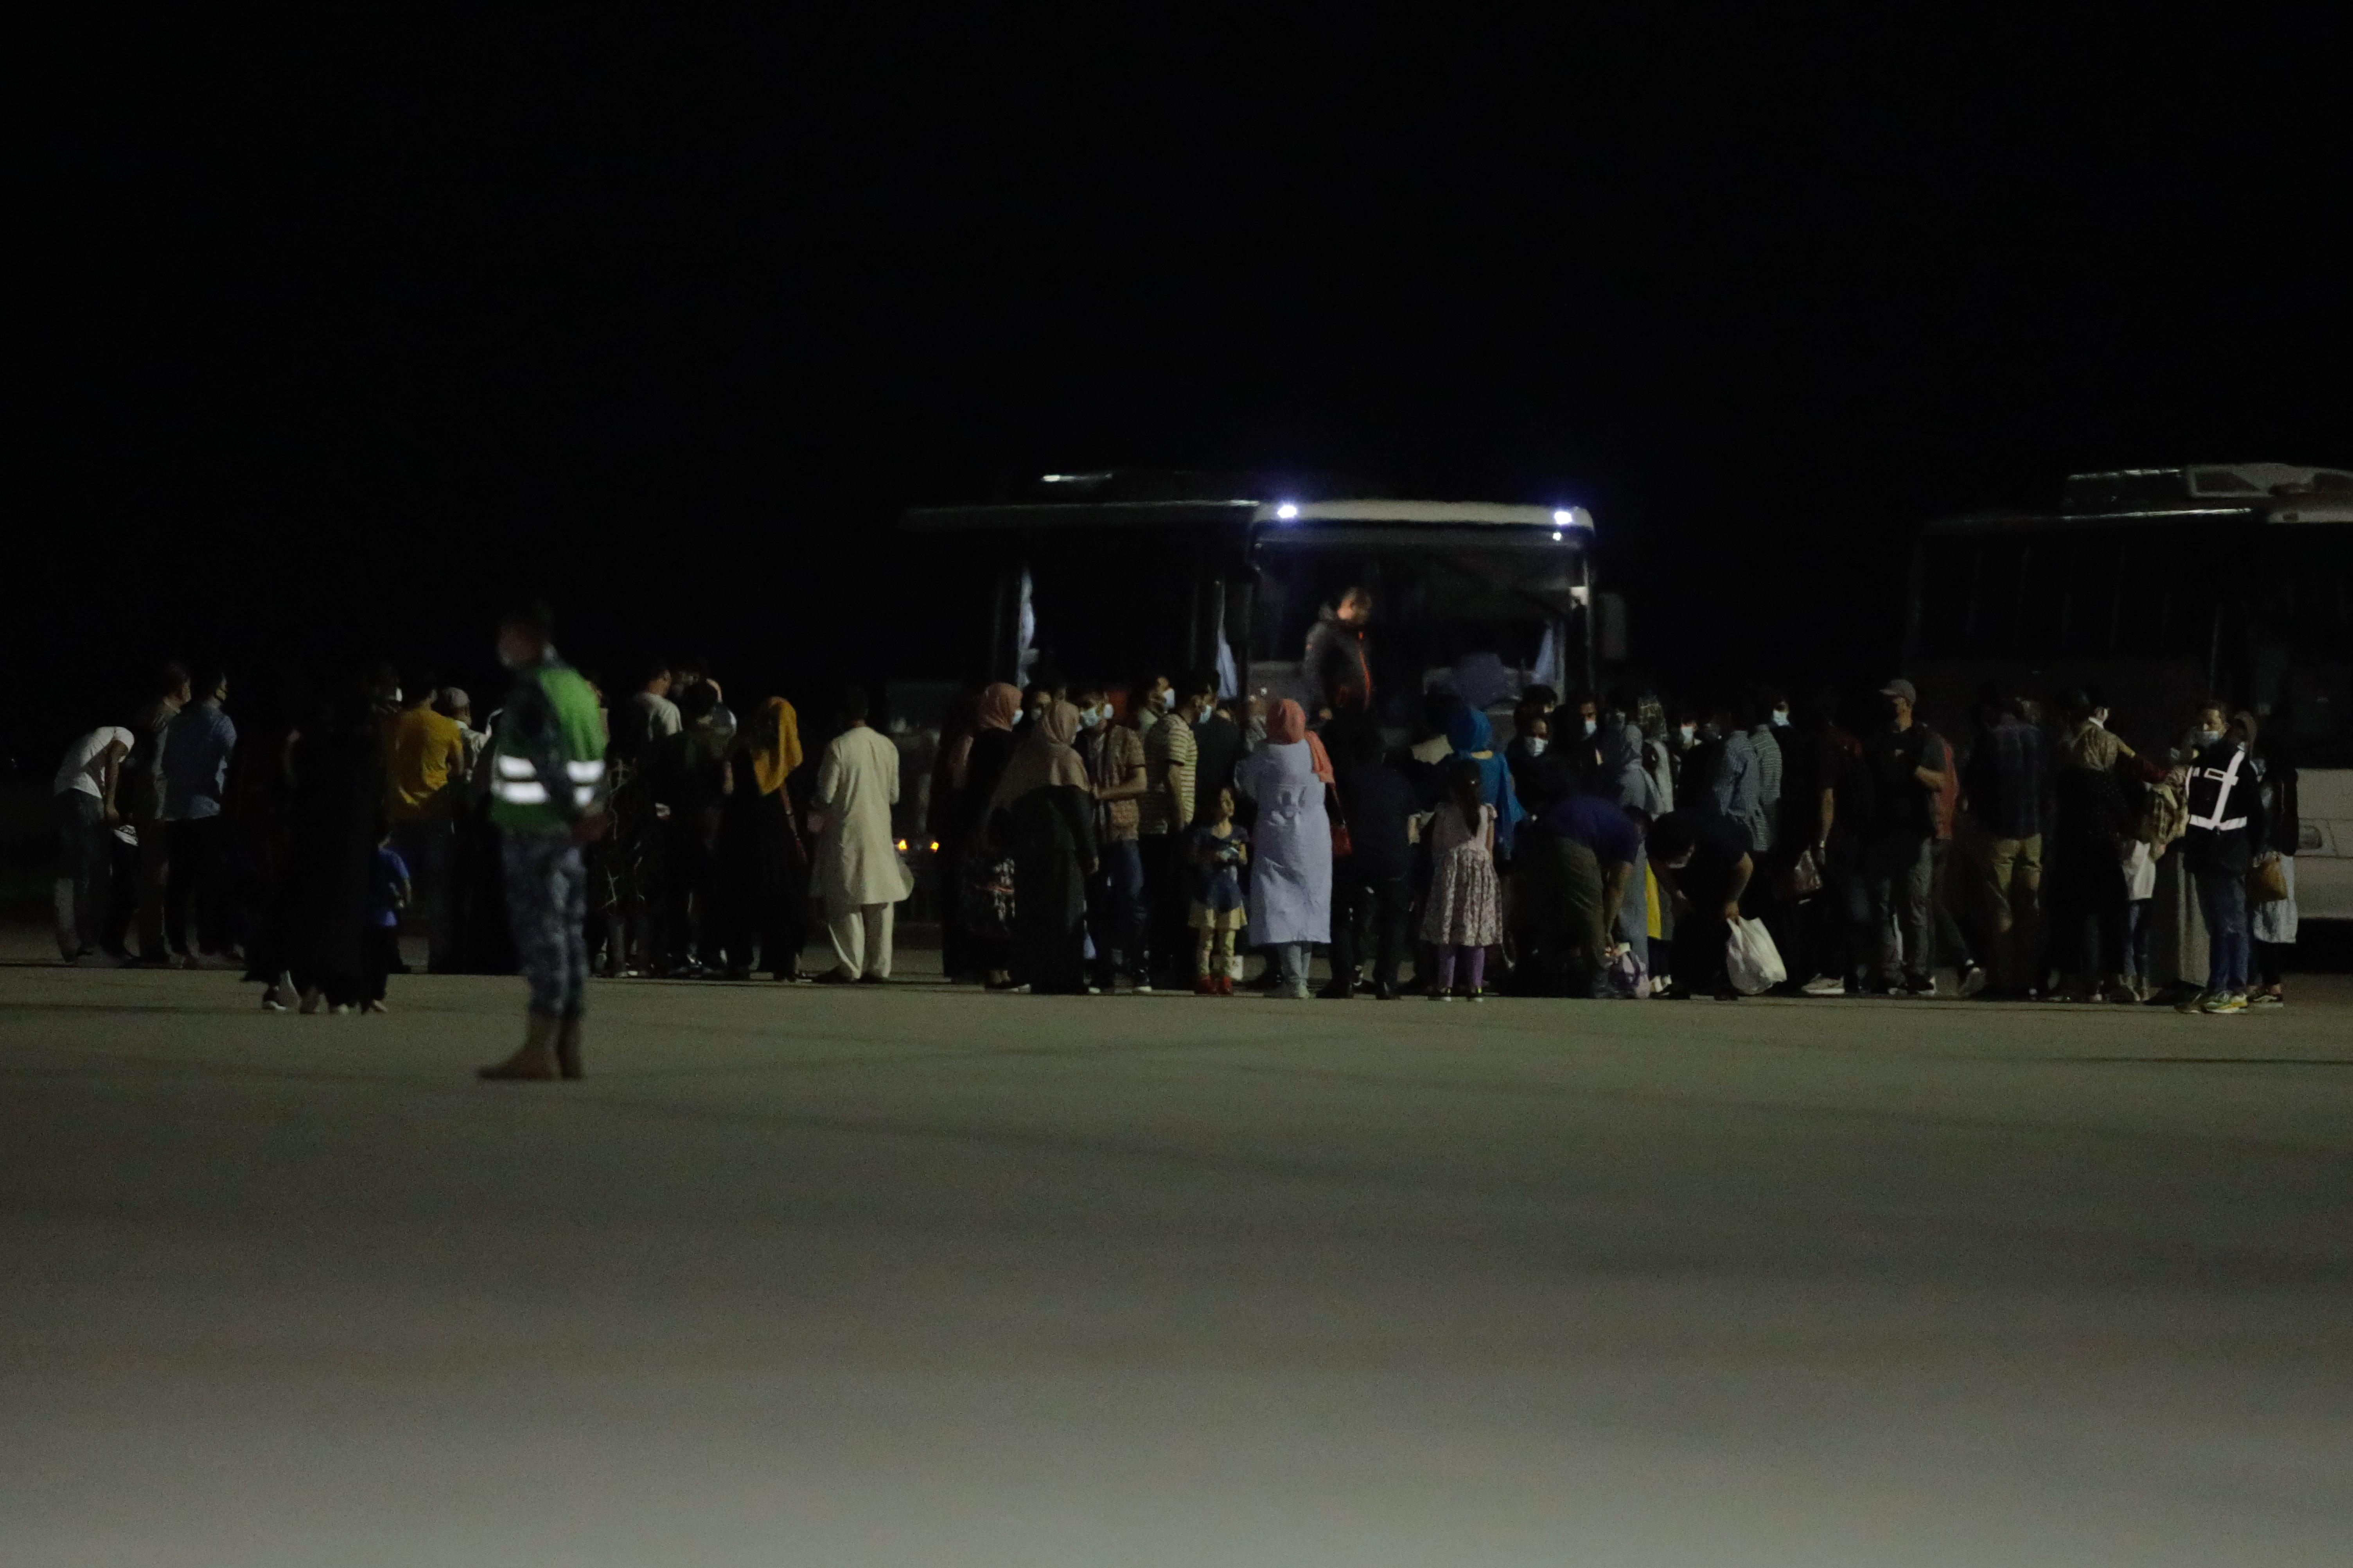 afgani extrasi sosire bucuresti mae aurescu inquam george calin 20210909215956__CL_4947